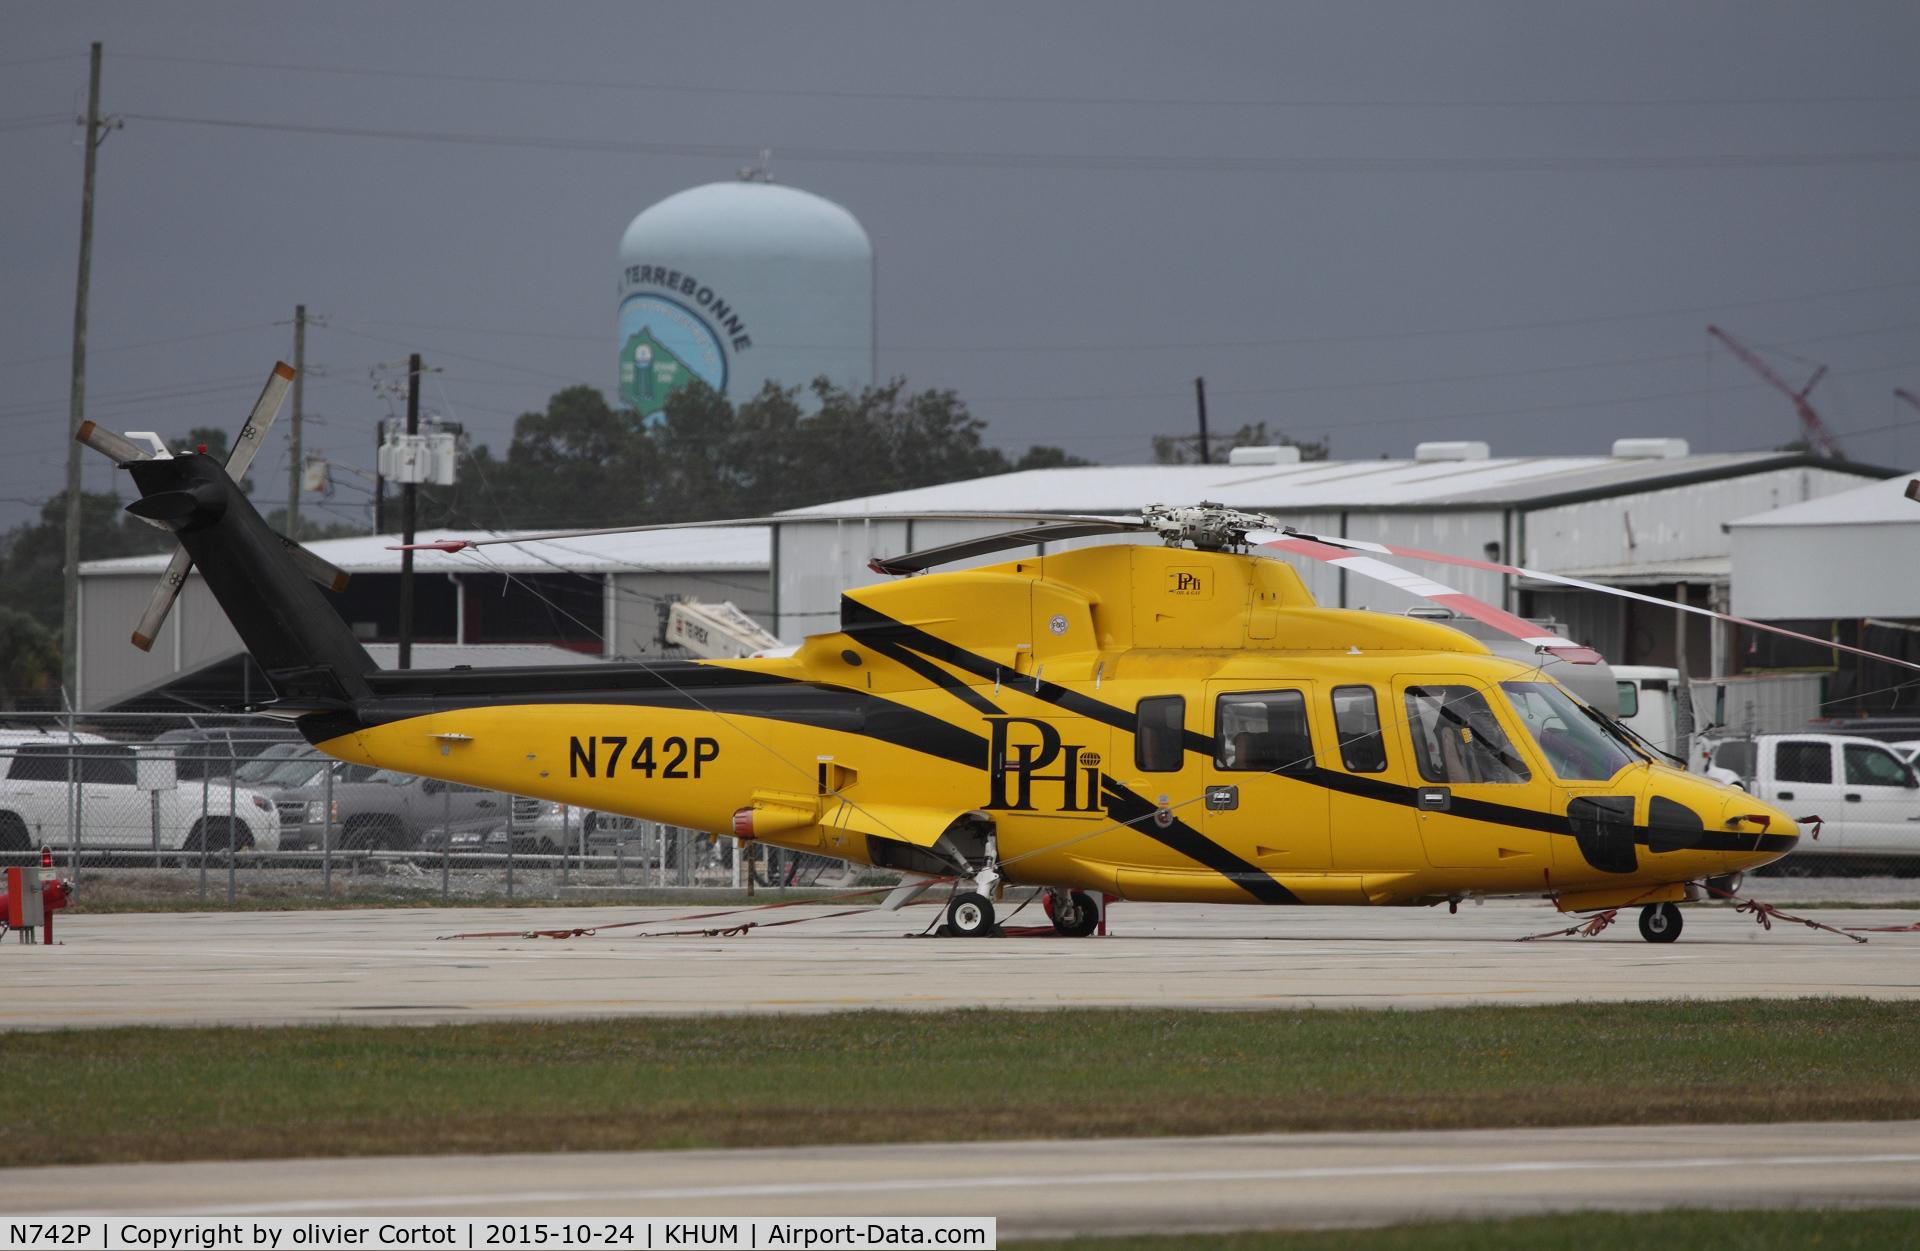 N742P, Sikorsky S-76C-2 C/N 760607, Houma, LA